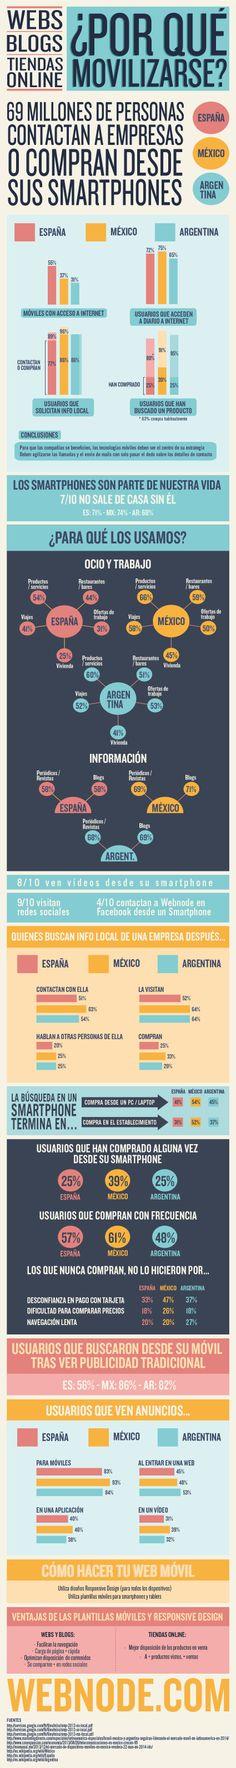 www.webnode.com ha realizado una infografía resumiendo el uso de los dispositivos móviles en 2013 con datos de España, México y Argentina. A través de ella se irá viendo la importancia de adaptar las páginas webs, blogs y tiendas online a los dispositivos móviles.